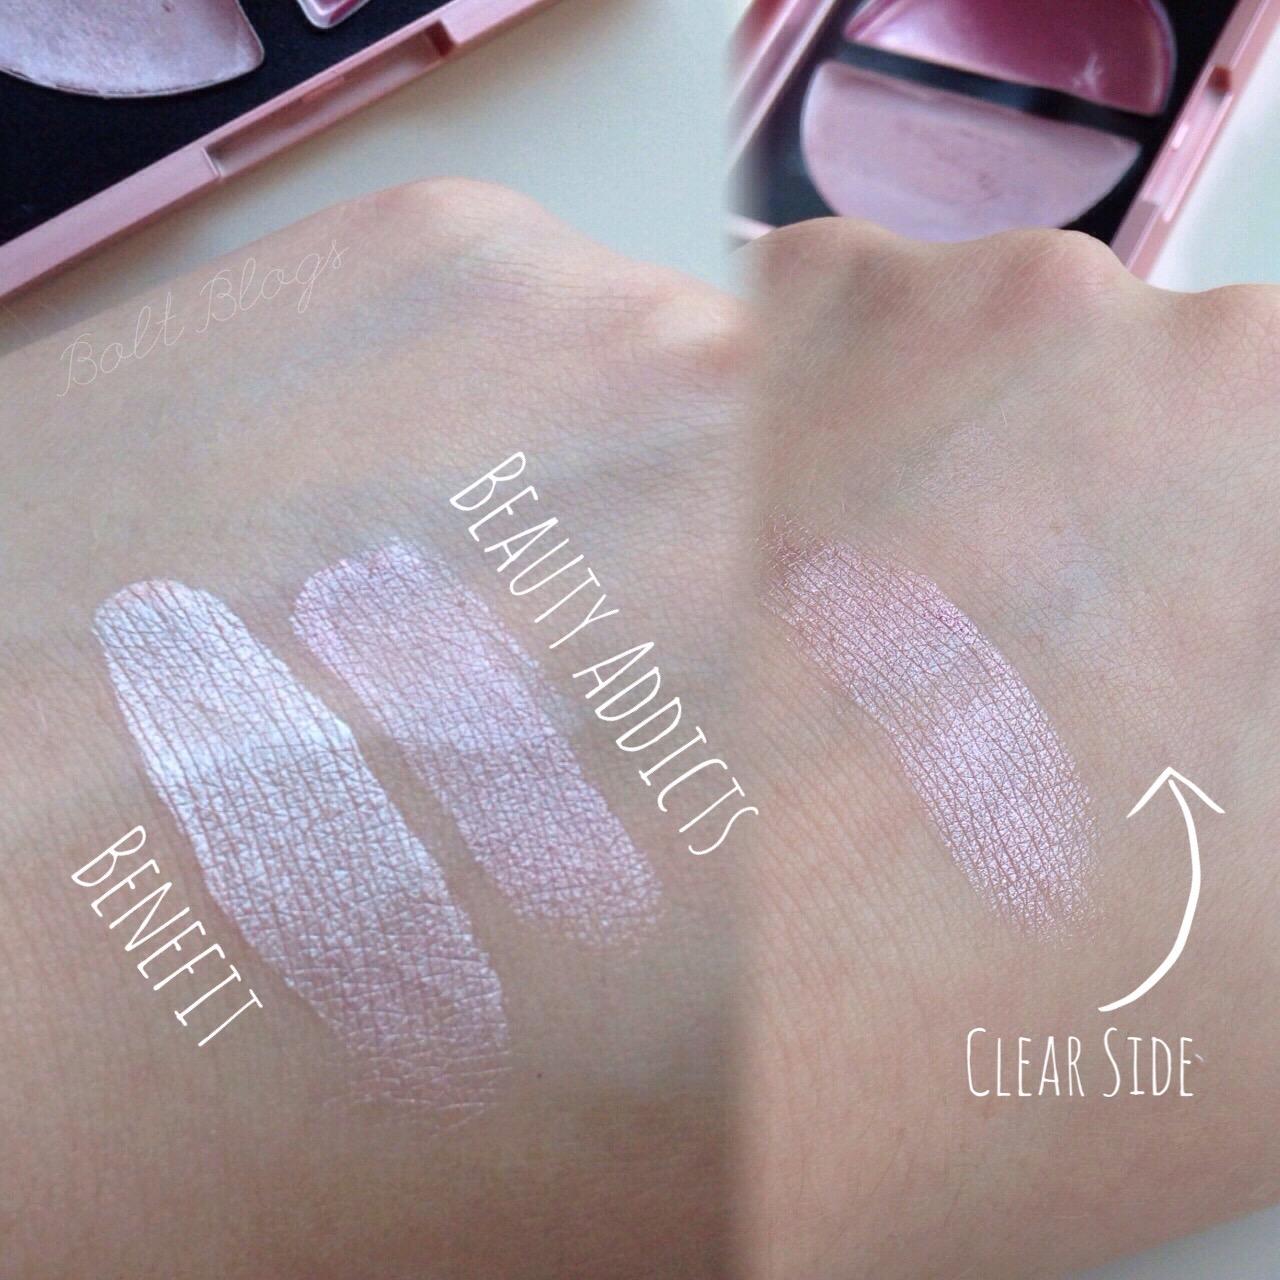 Beauty Addicts Glimmer Sheer Highlighter, Benefit High Beam | Bolt Blogs